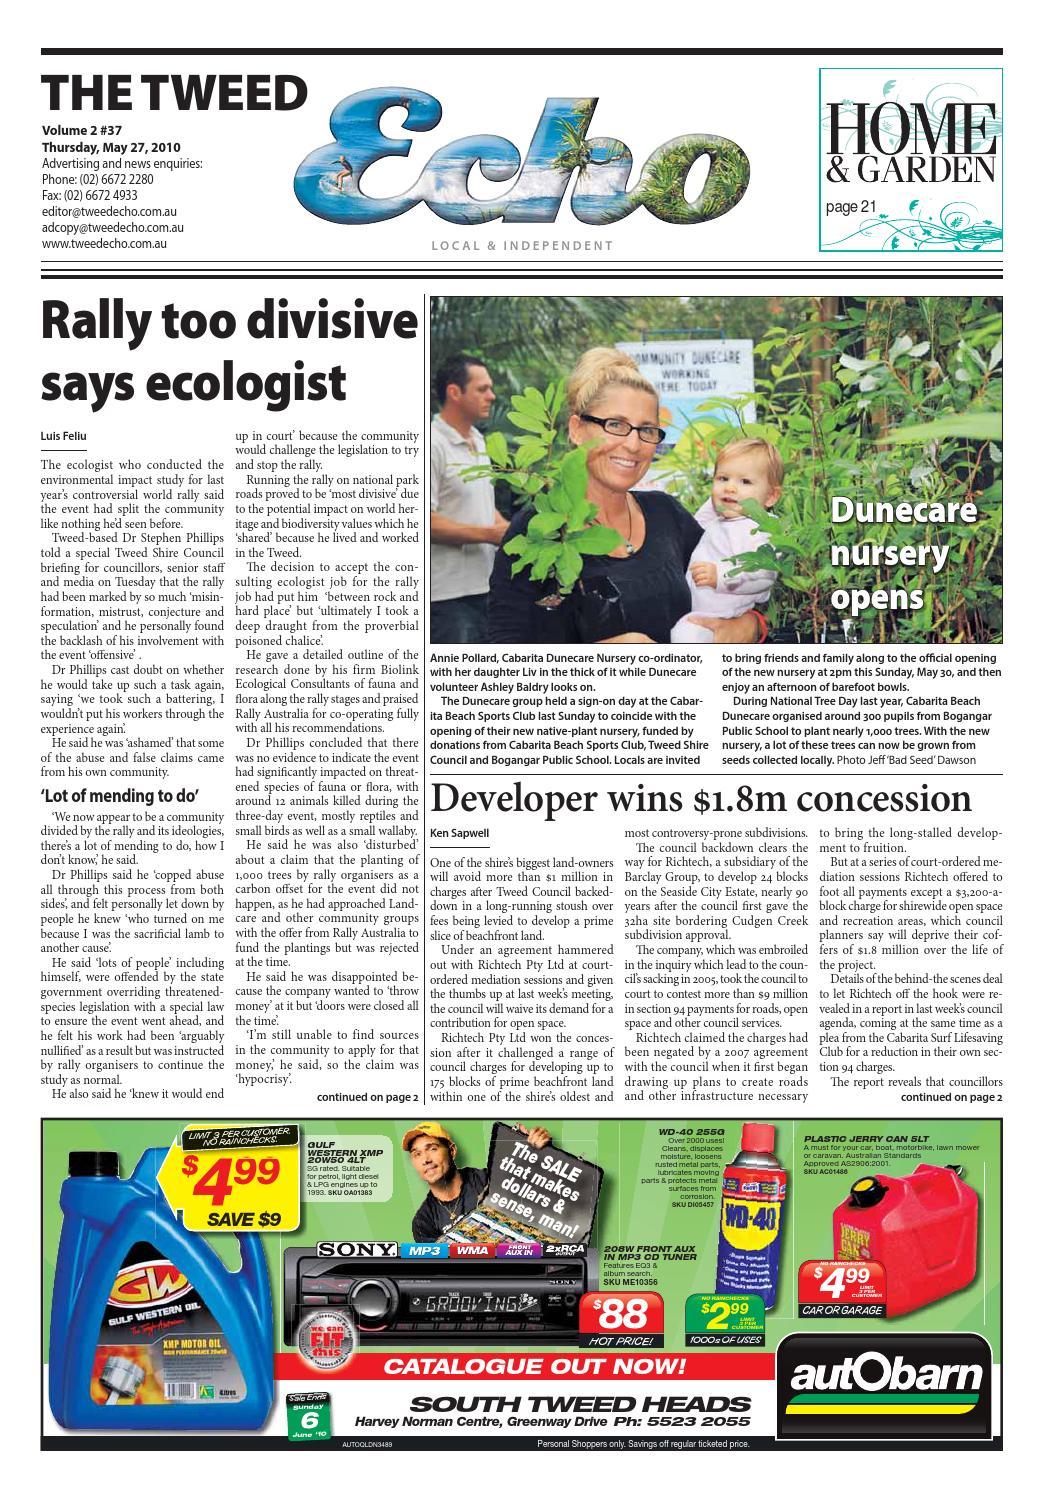 Tweed Echo – Issue 2 37 – 27/05/2010 by Echo Publications - issuu